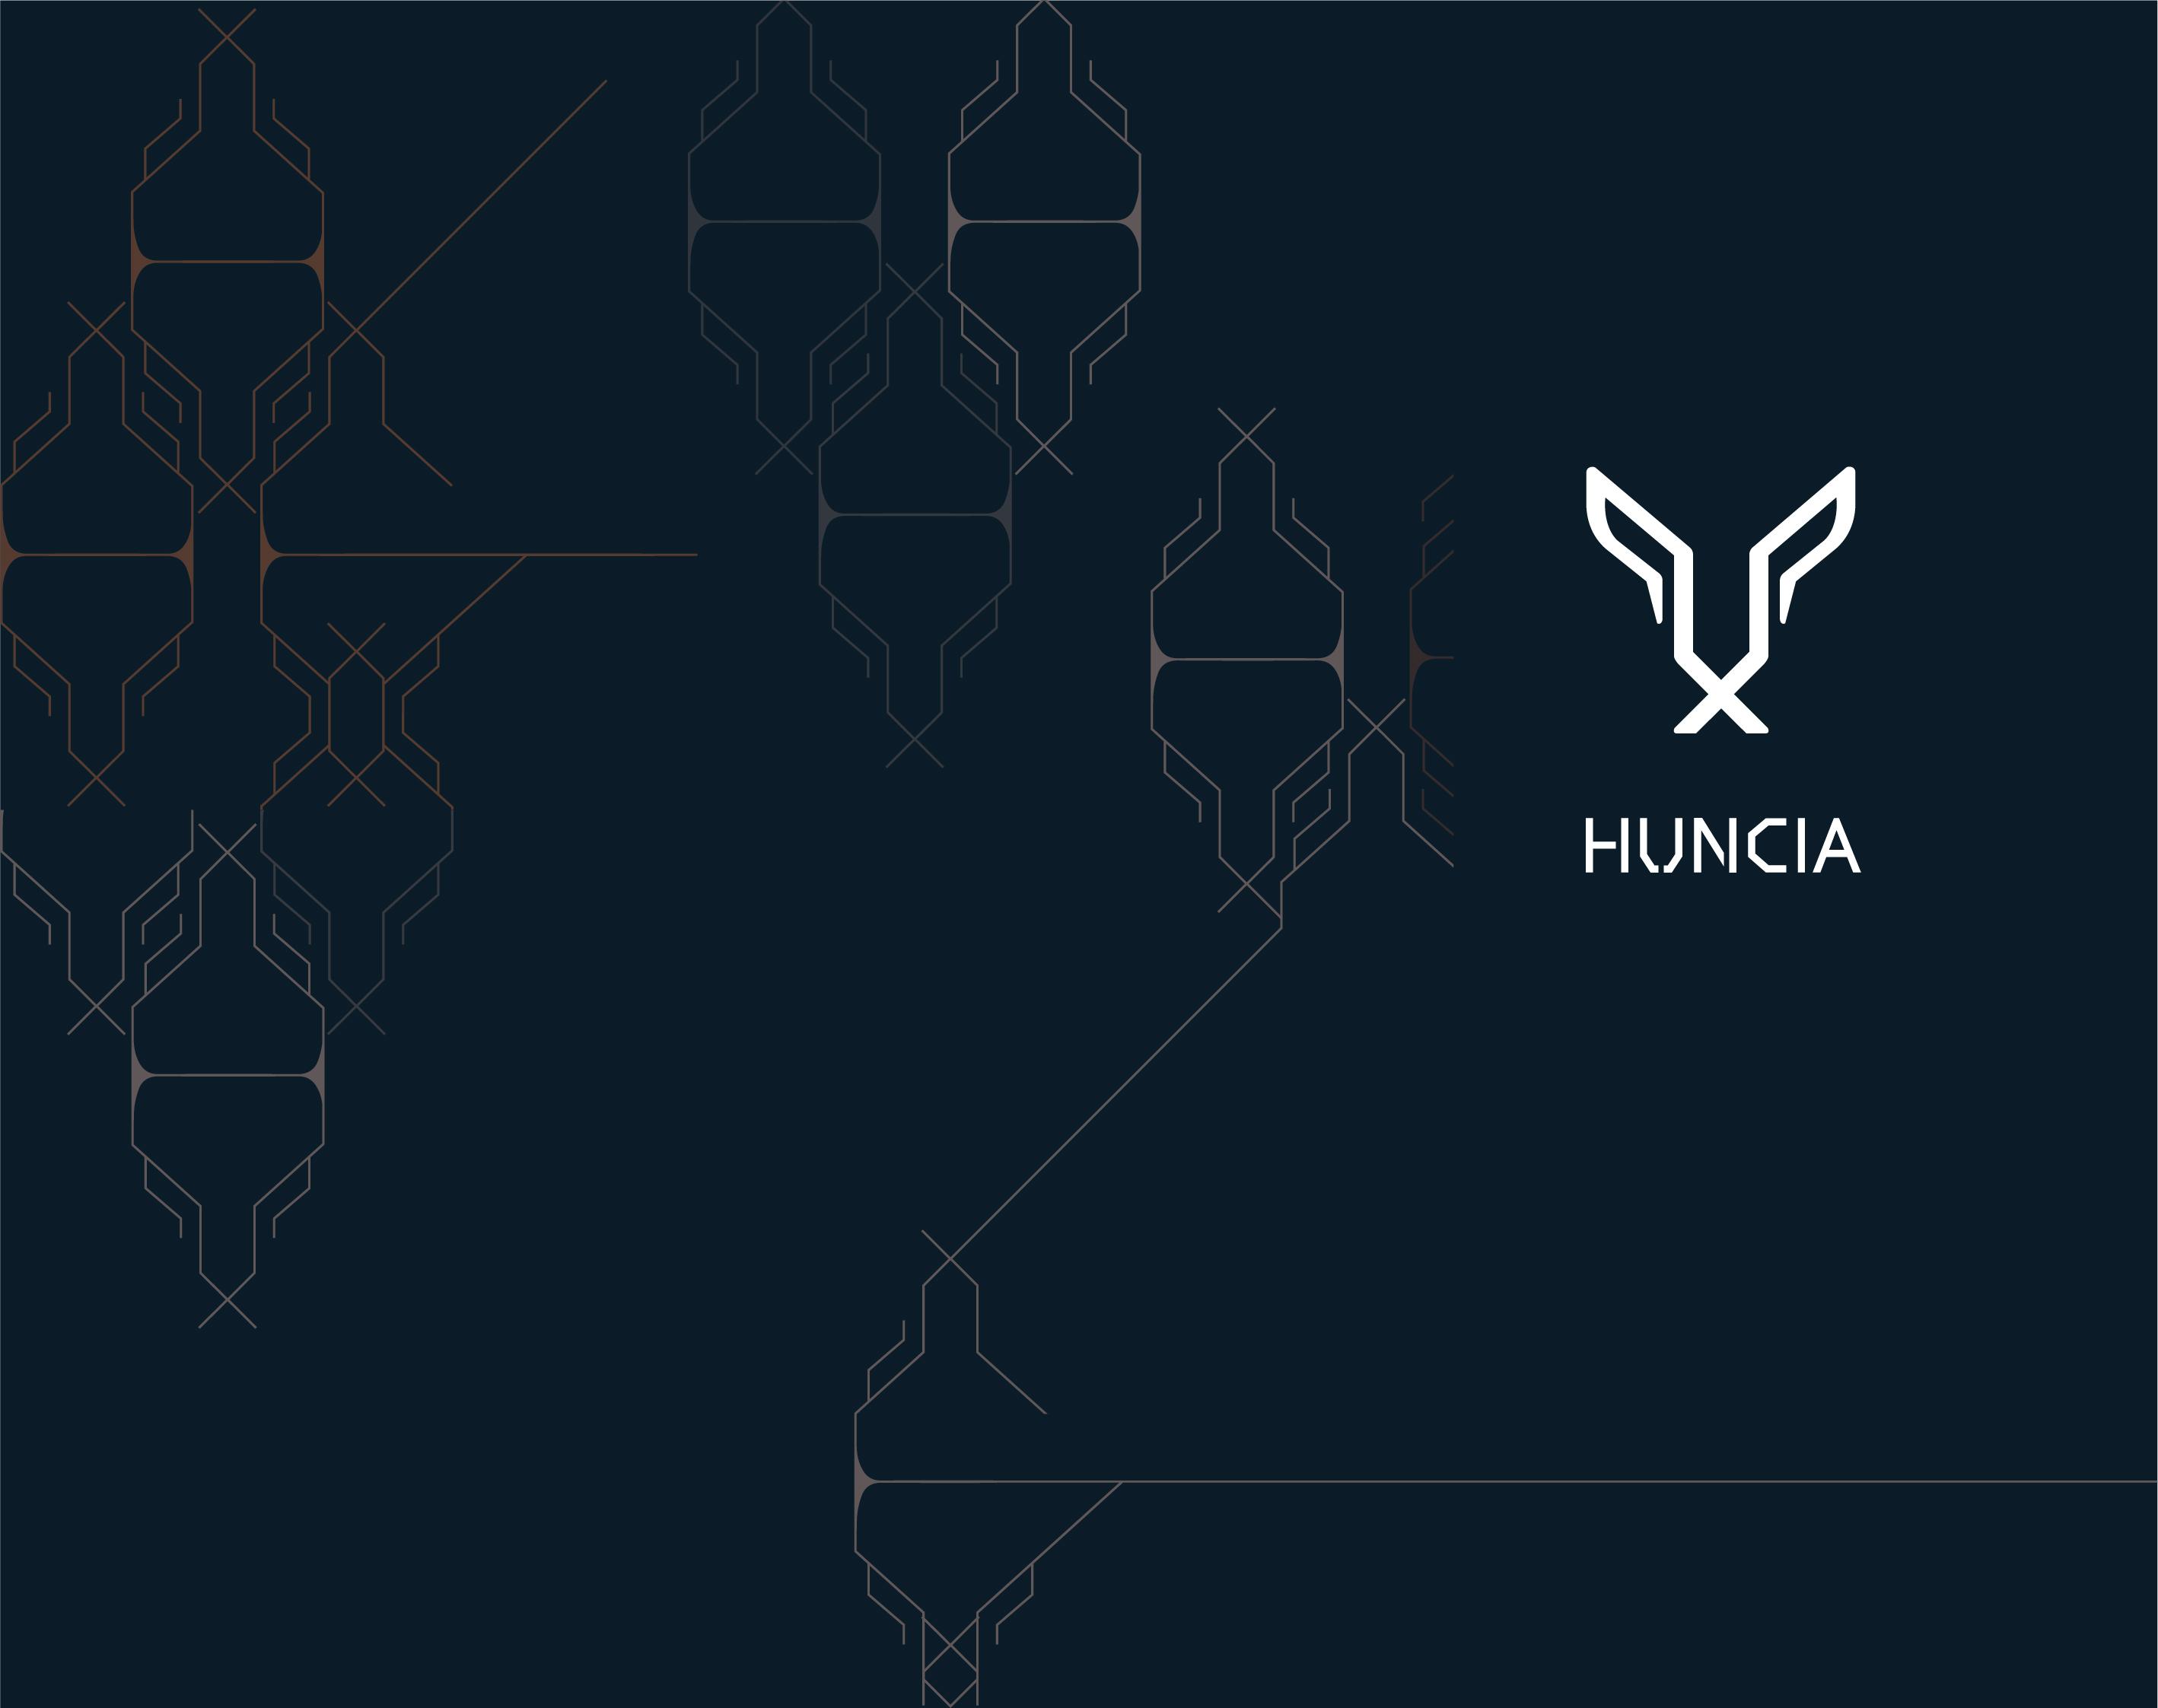 HUNCIA,站在潮流食物链的顶端   贺冰凇作品